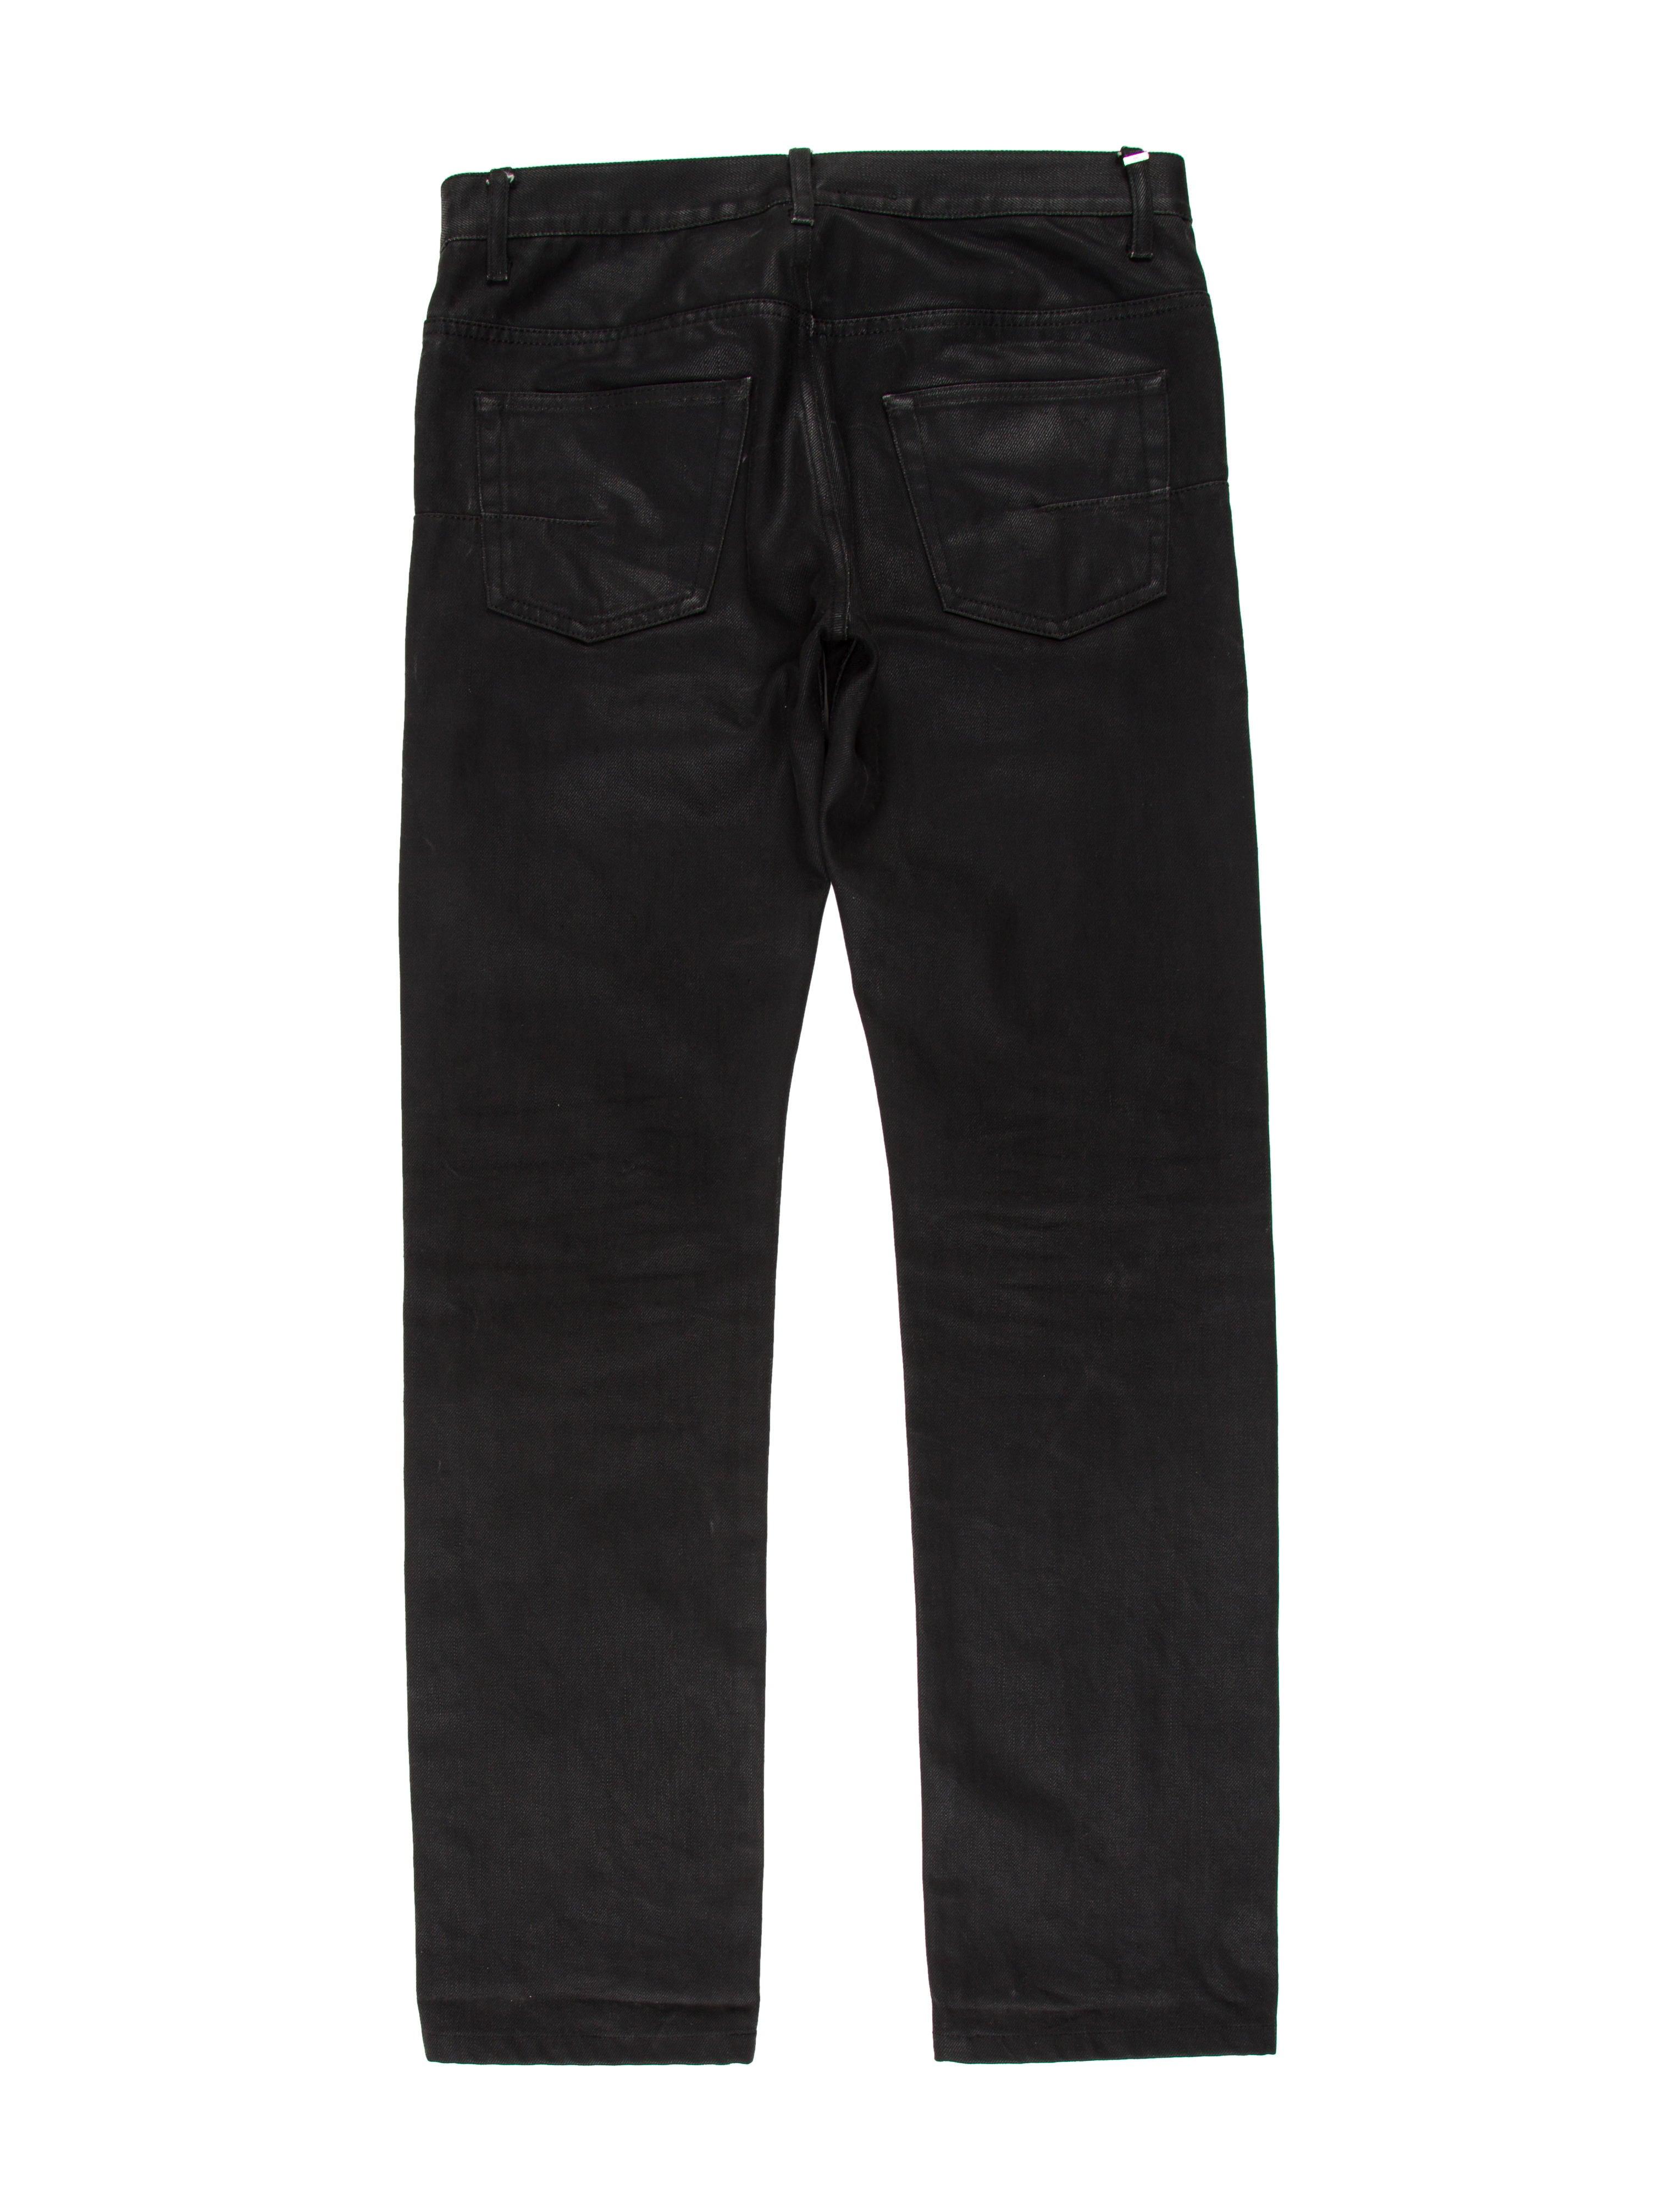 dior homme five pocket skinny jeans clothing hmm23020. Black Bedroom Furniture Sets. Home Design Ideas